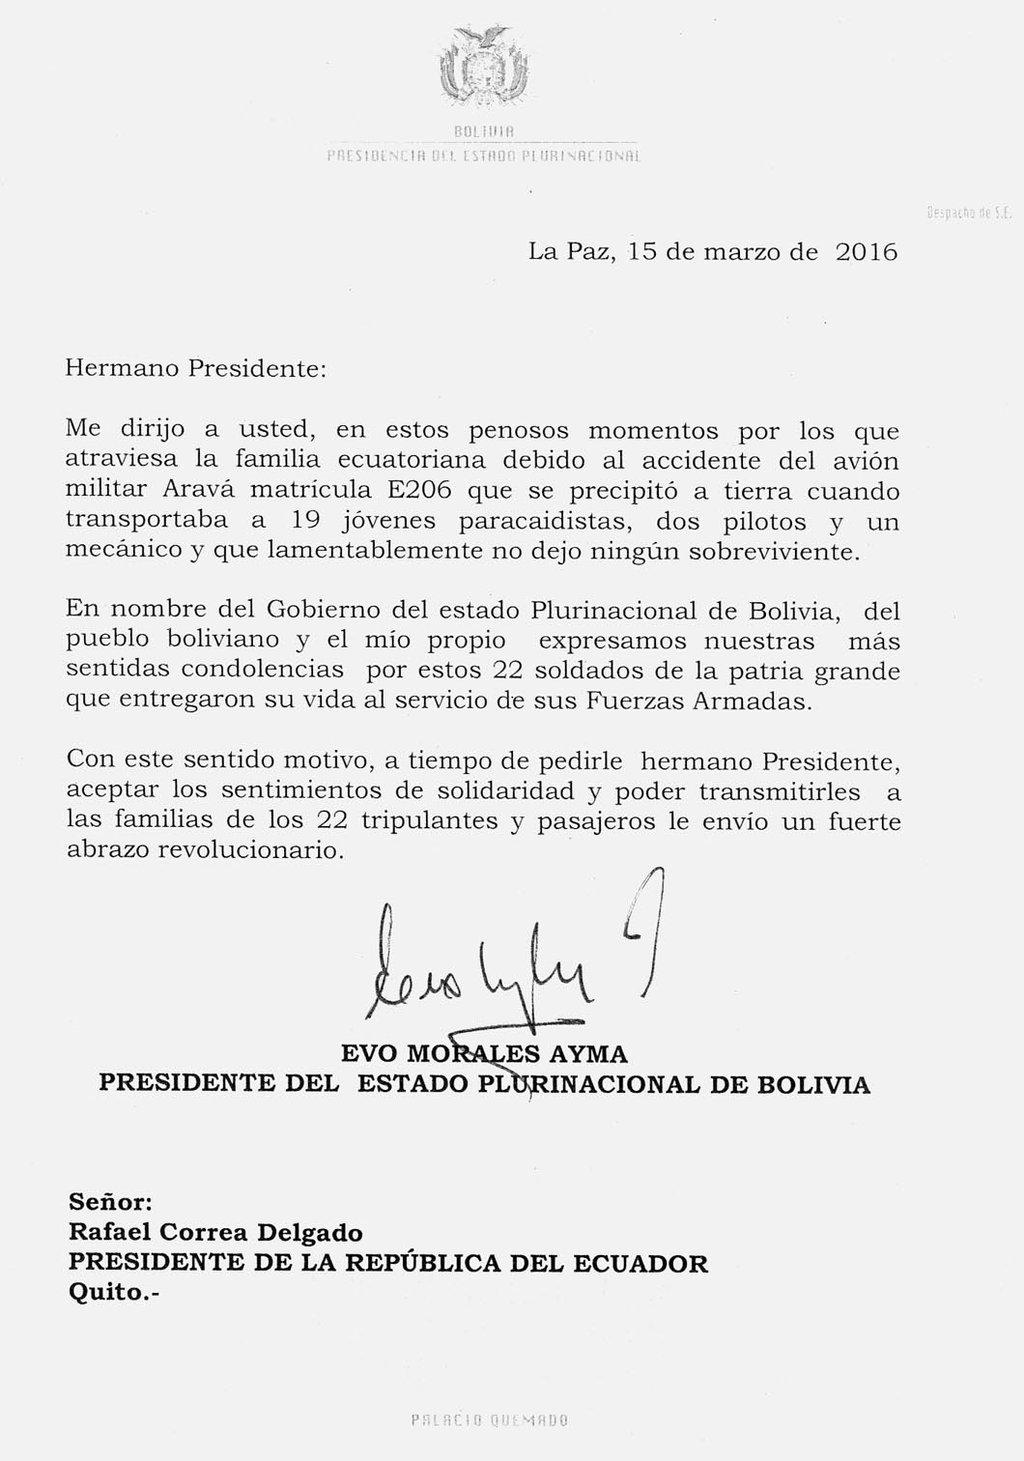 Morales expresa sus condolencias por el deceso de 22 militares en ...